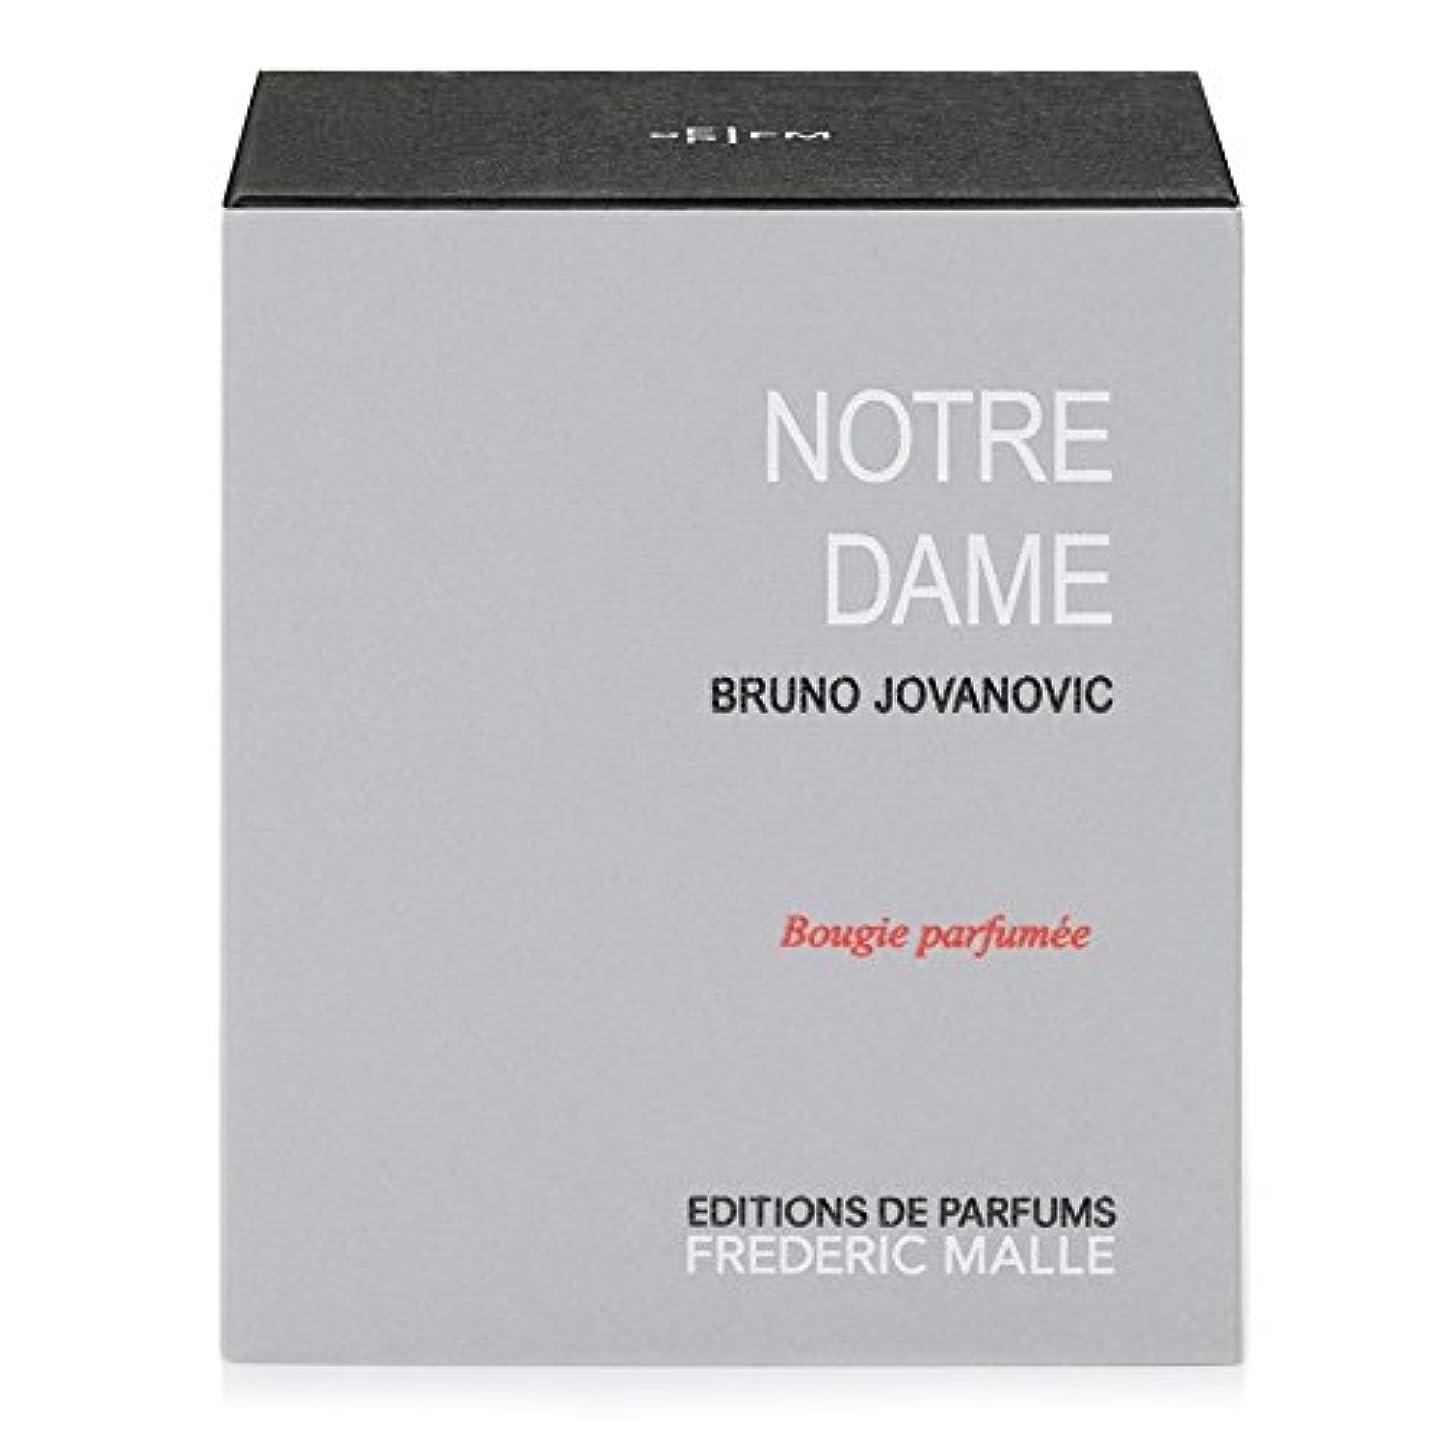 アンケート保護する墓地フレデリック?マルノートルダム香りのキャンドル220グラム x6 - Frederic Malle Notre Dame Scented Candle 220g (Pack of 6) [並行輸入品]